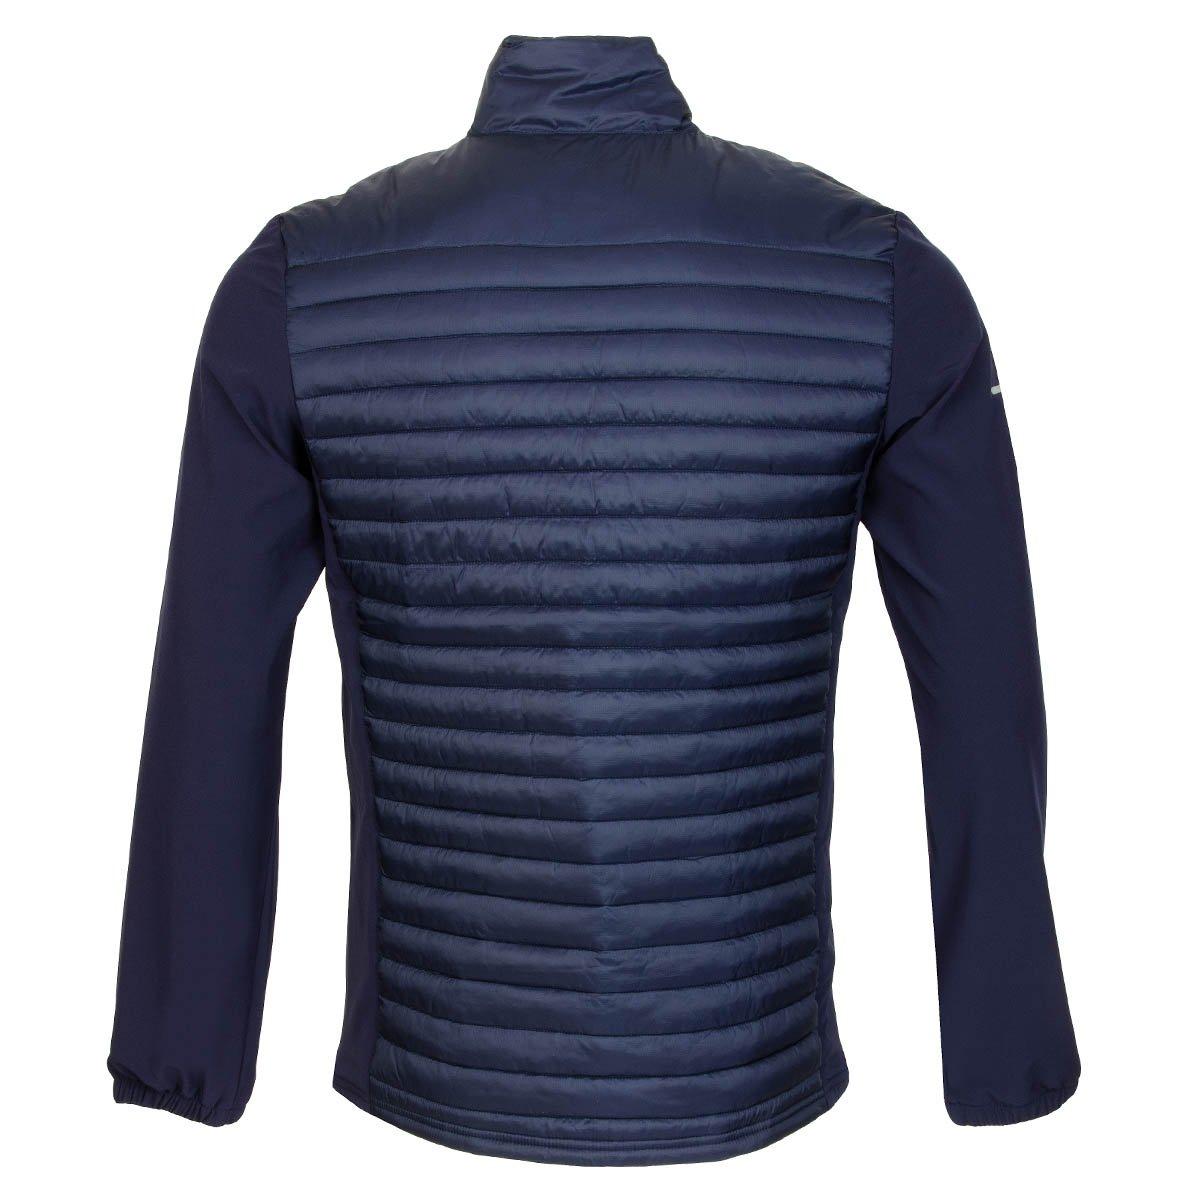 Lacoste - Chaqueta - para Hombre Azul Azul Marino Large: Amazon.es: Ropa y accesorios